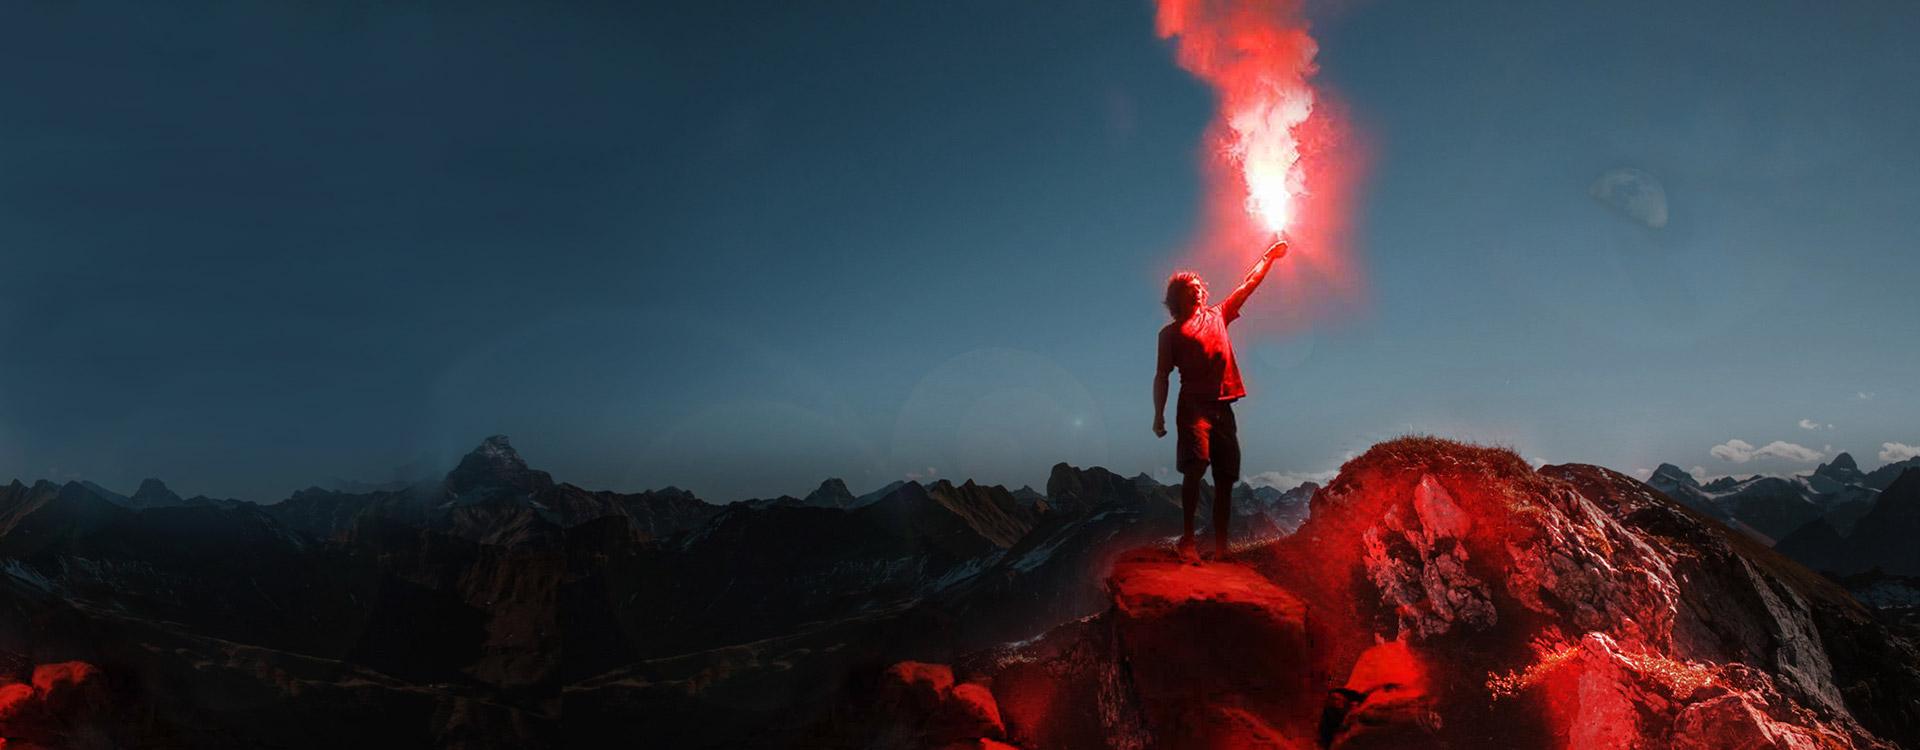 Man gebruikt fakkels bovenop berg om gevonden te worden